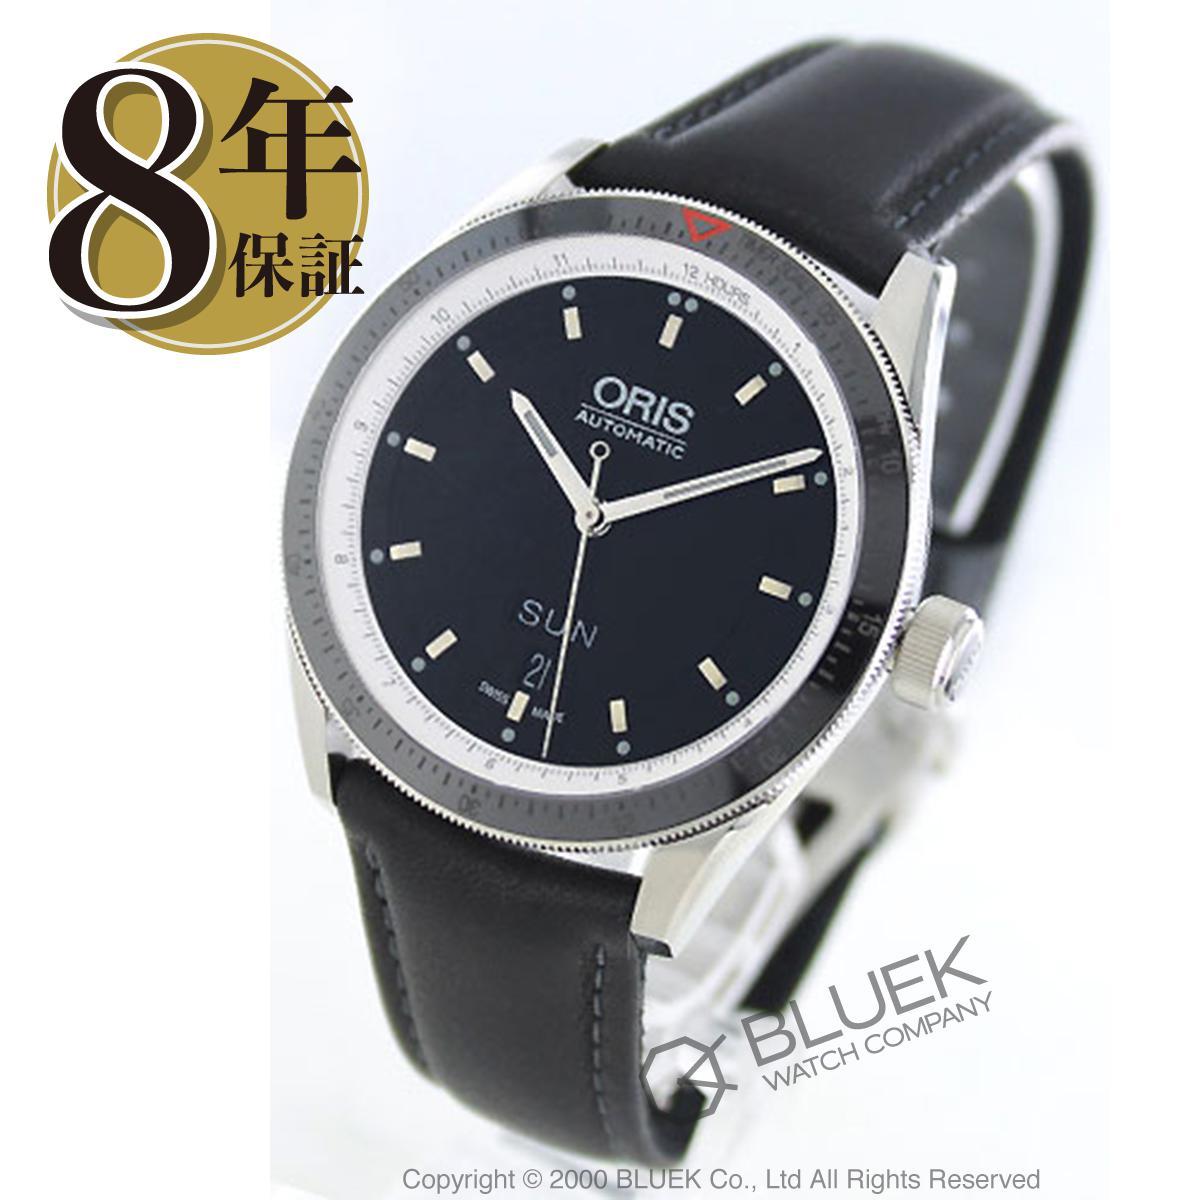 【3,000円OFFクーポン対象】オリス アーティックス GT 腕時計 メンズ ORIS 735 7662 4154D_8